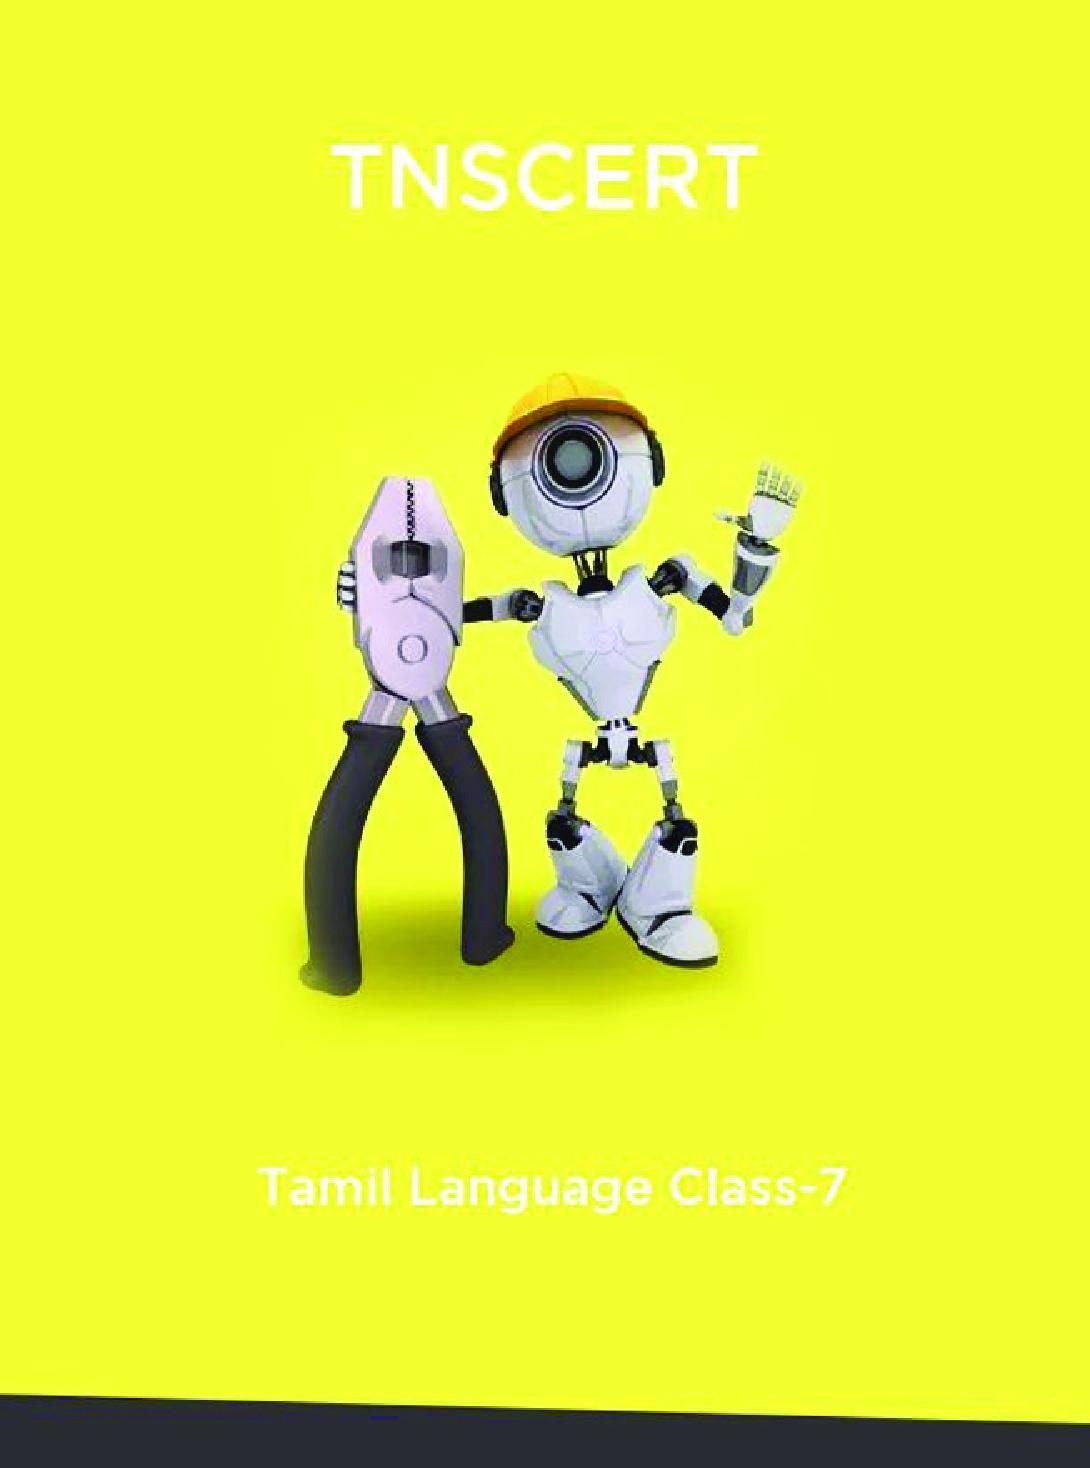 TNSCERT Tamil Language Class-7 - Page 1